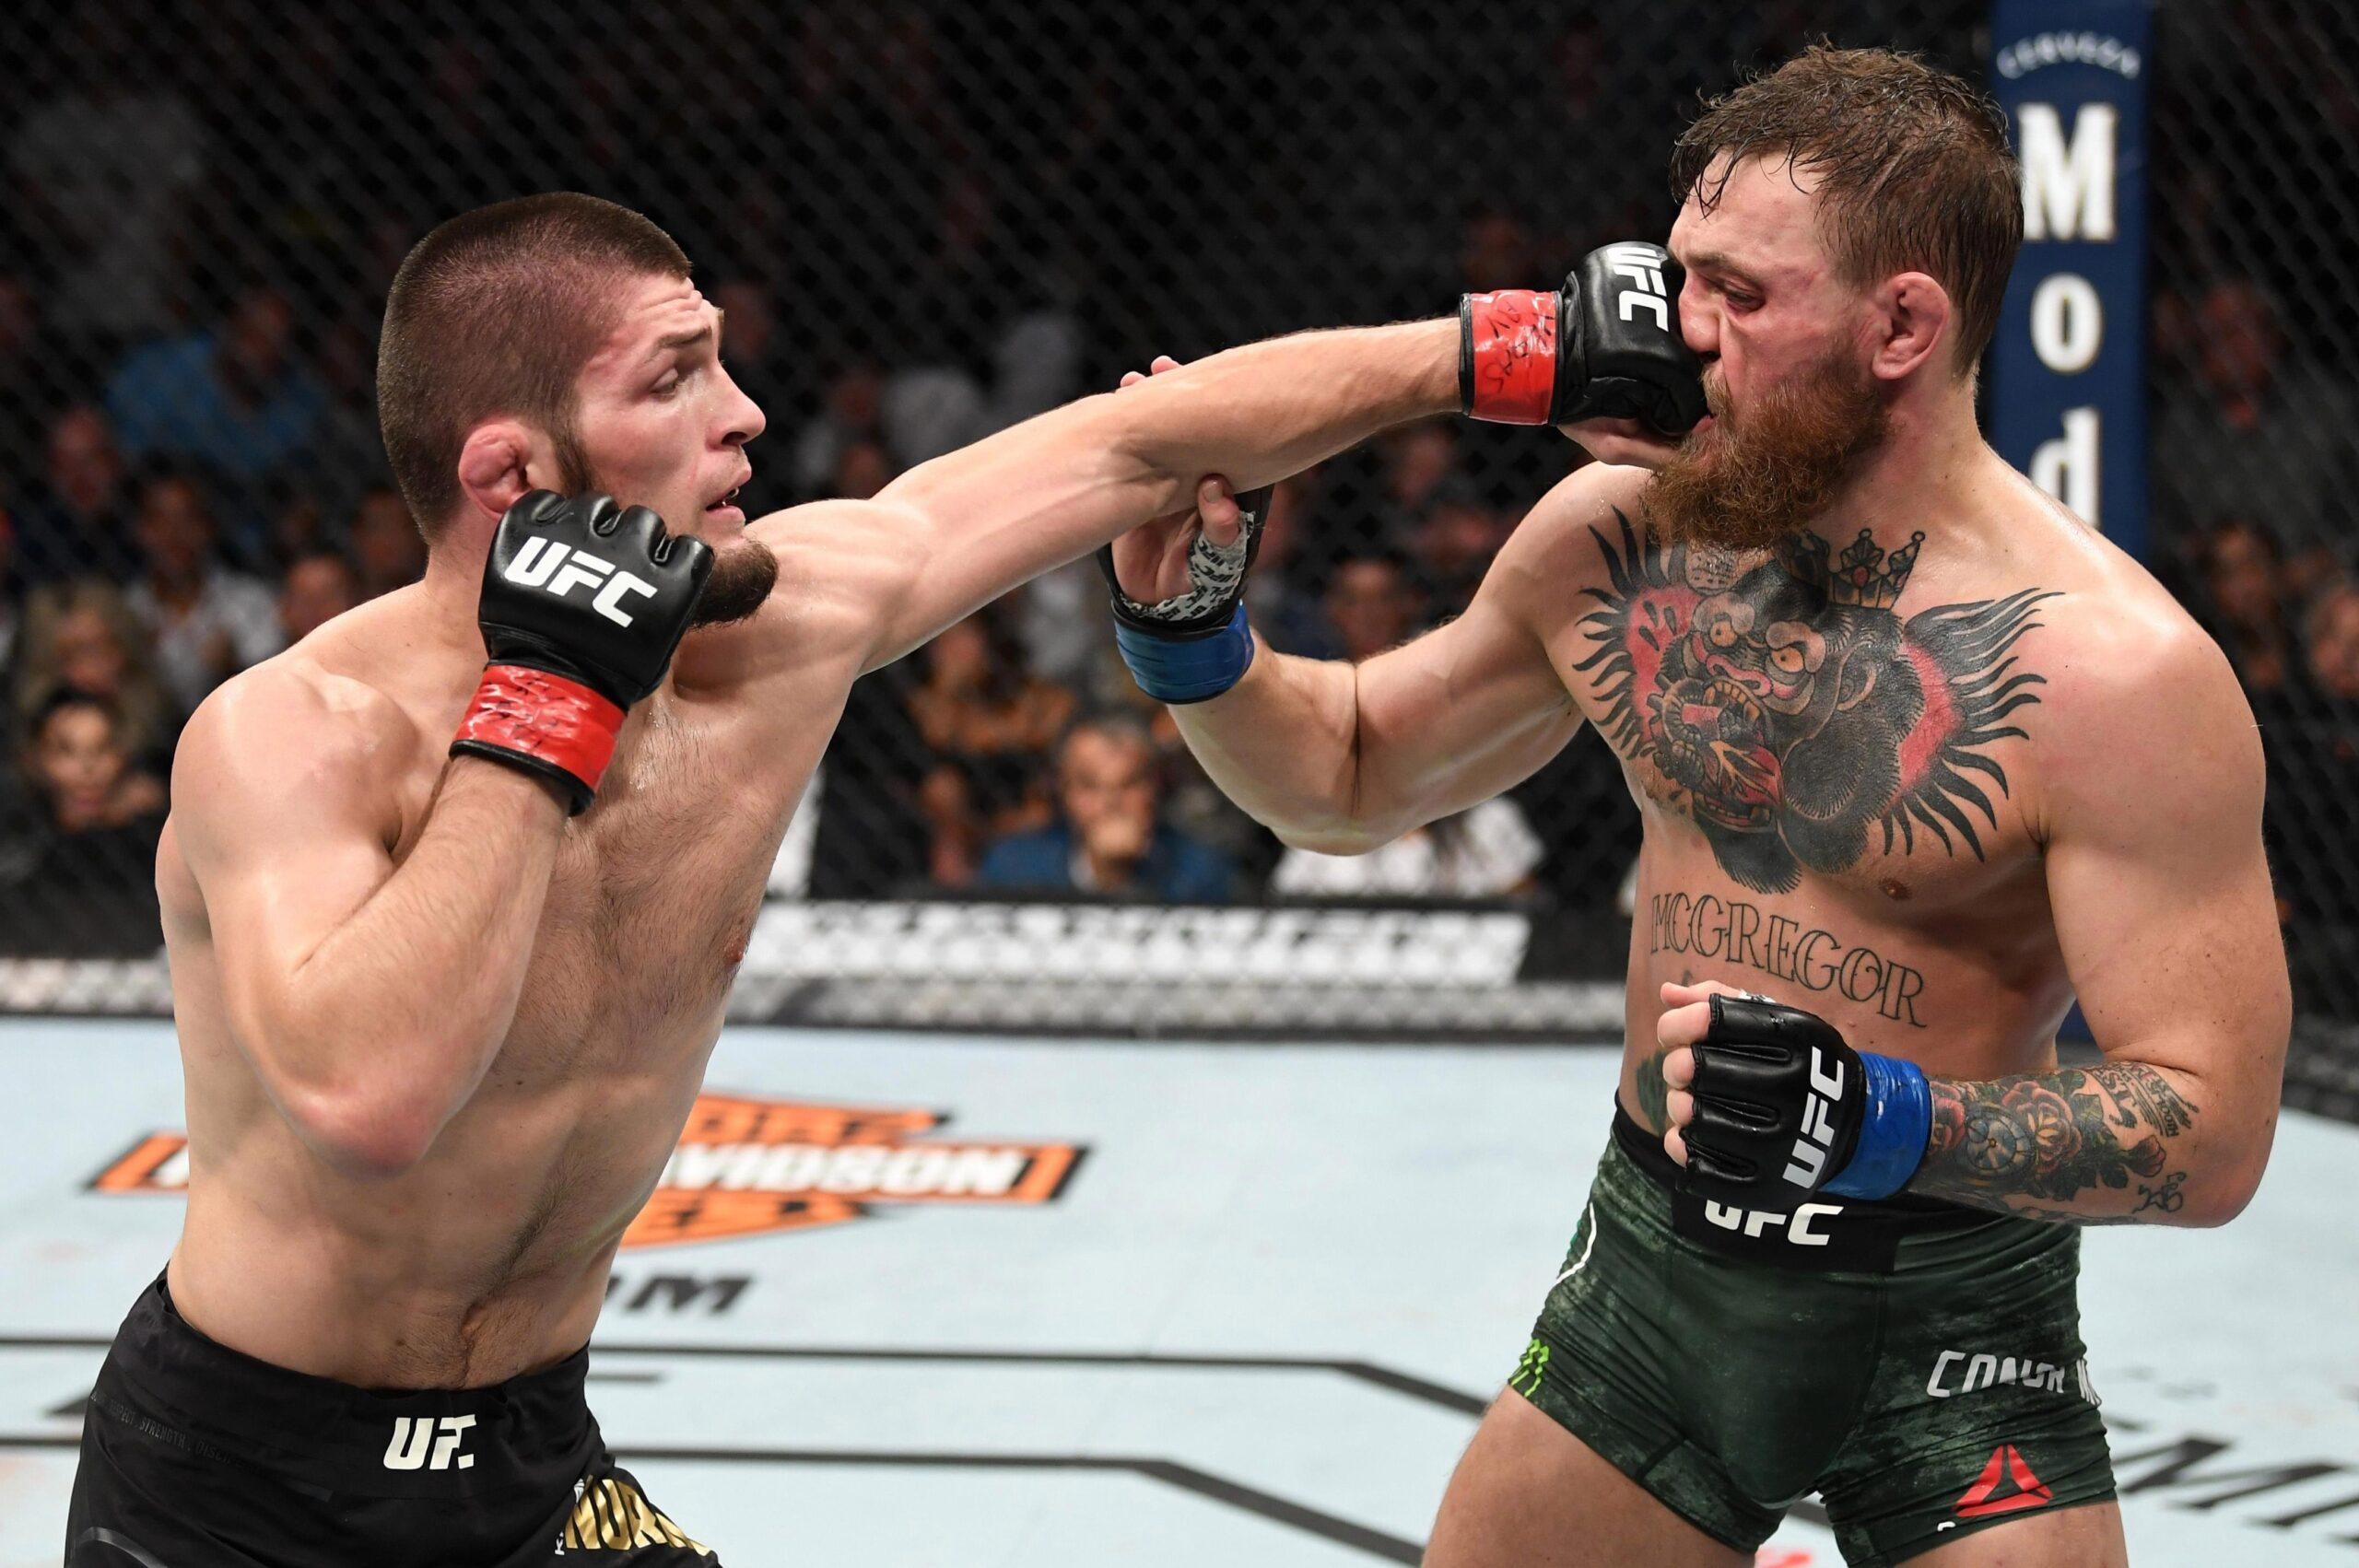 Khabib Nurmagomedov & Conor McGregor (UFC)